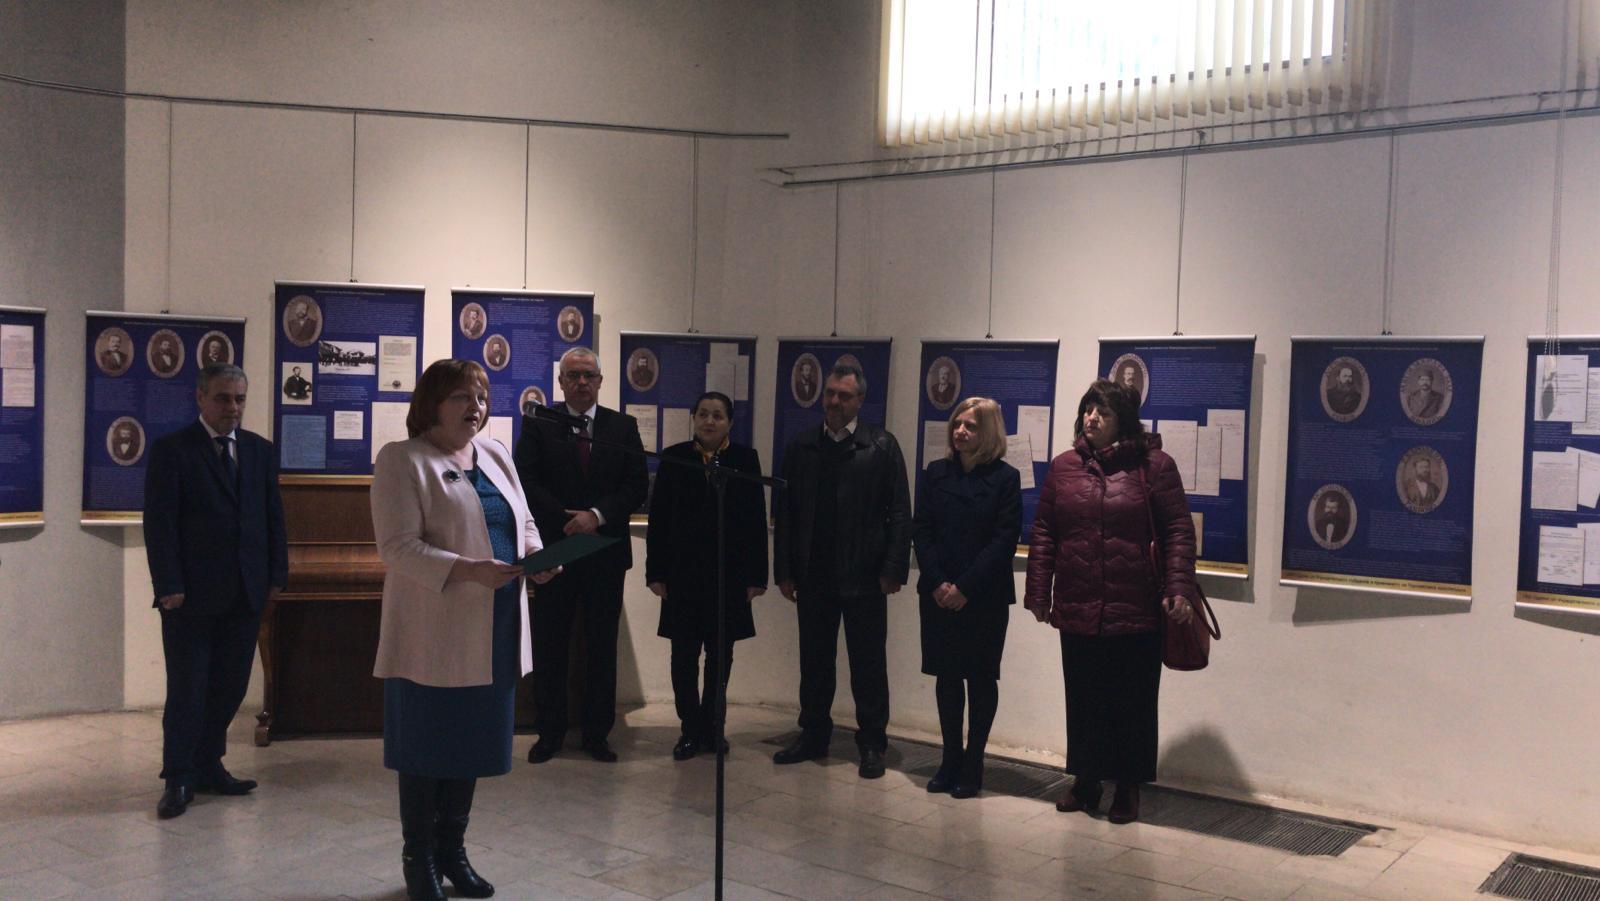 Във Враца беше открита пътуващата изложба, посветена на 140 години от Учредителното събрание и приемането на Търновската конституция